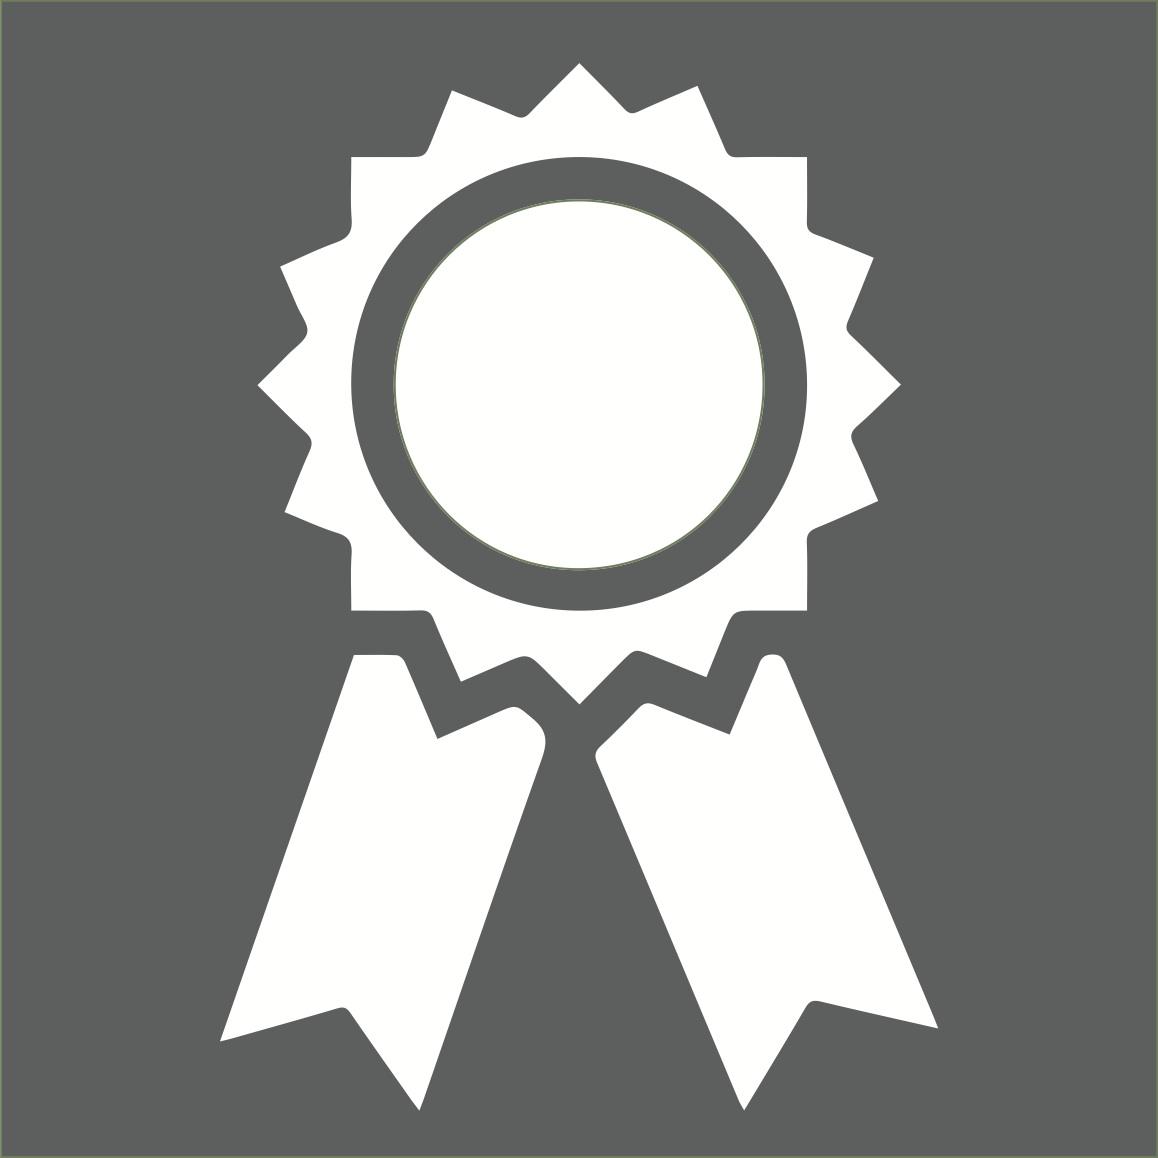 premio_neg_grigio